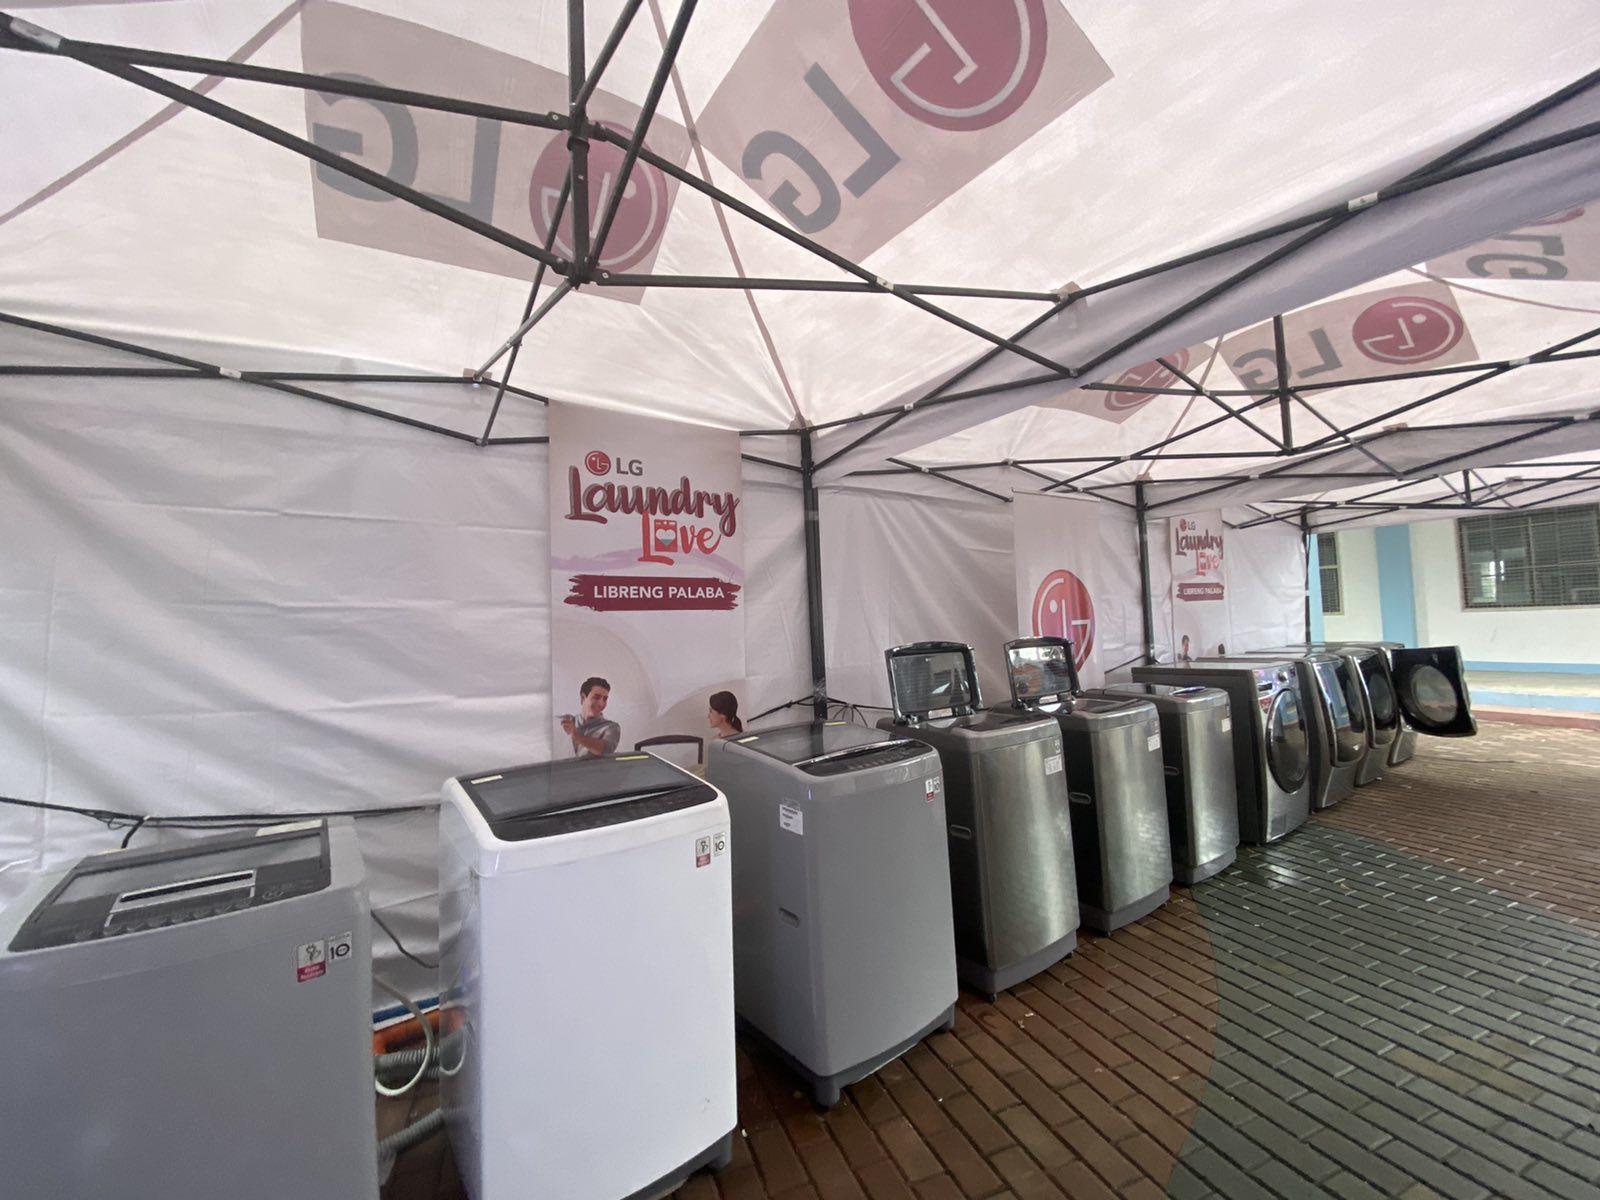 LG shares Laundry Love to Marikina